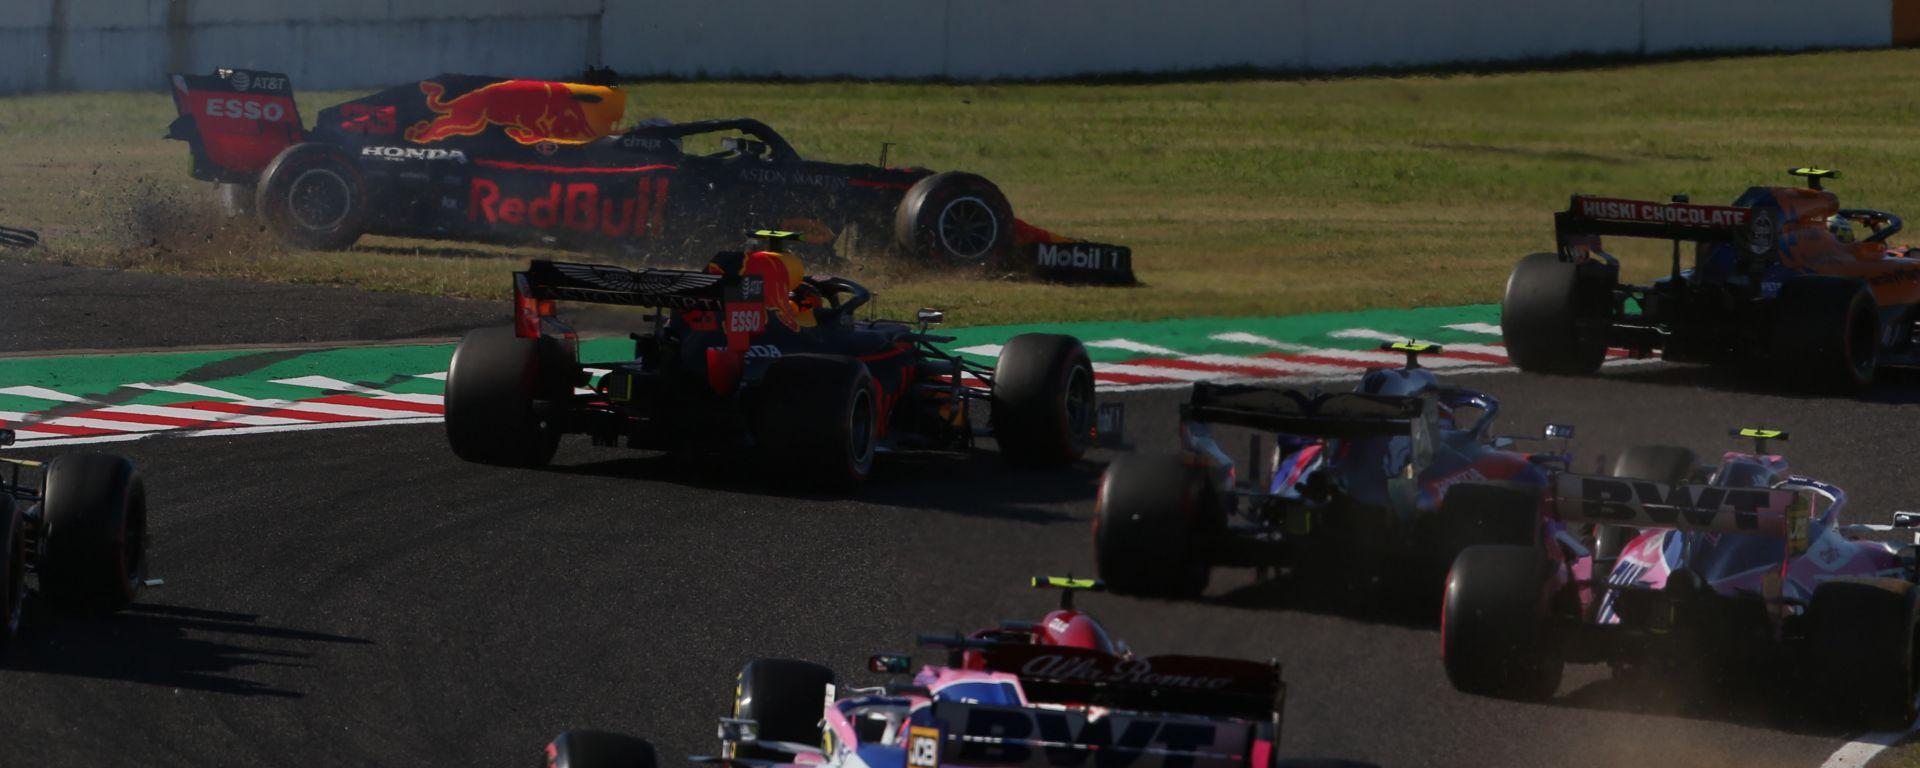 F1 GP Giappone 2019, Suzuka: la delicata partenza di Albon e Verstappen (Red Bull)